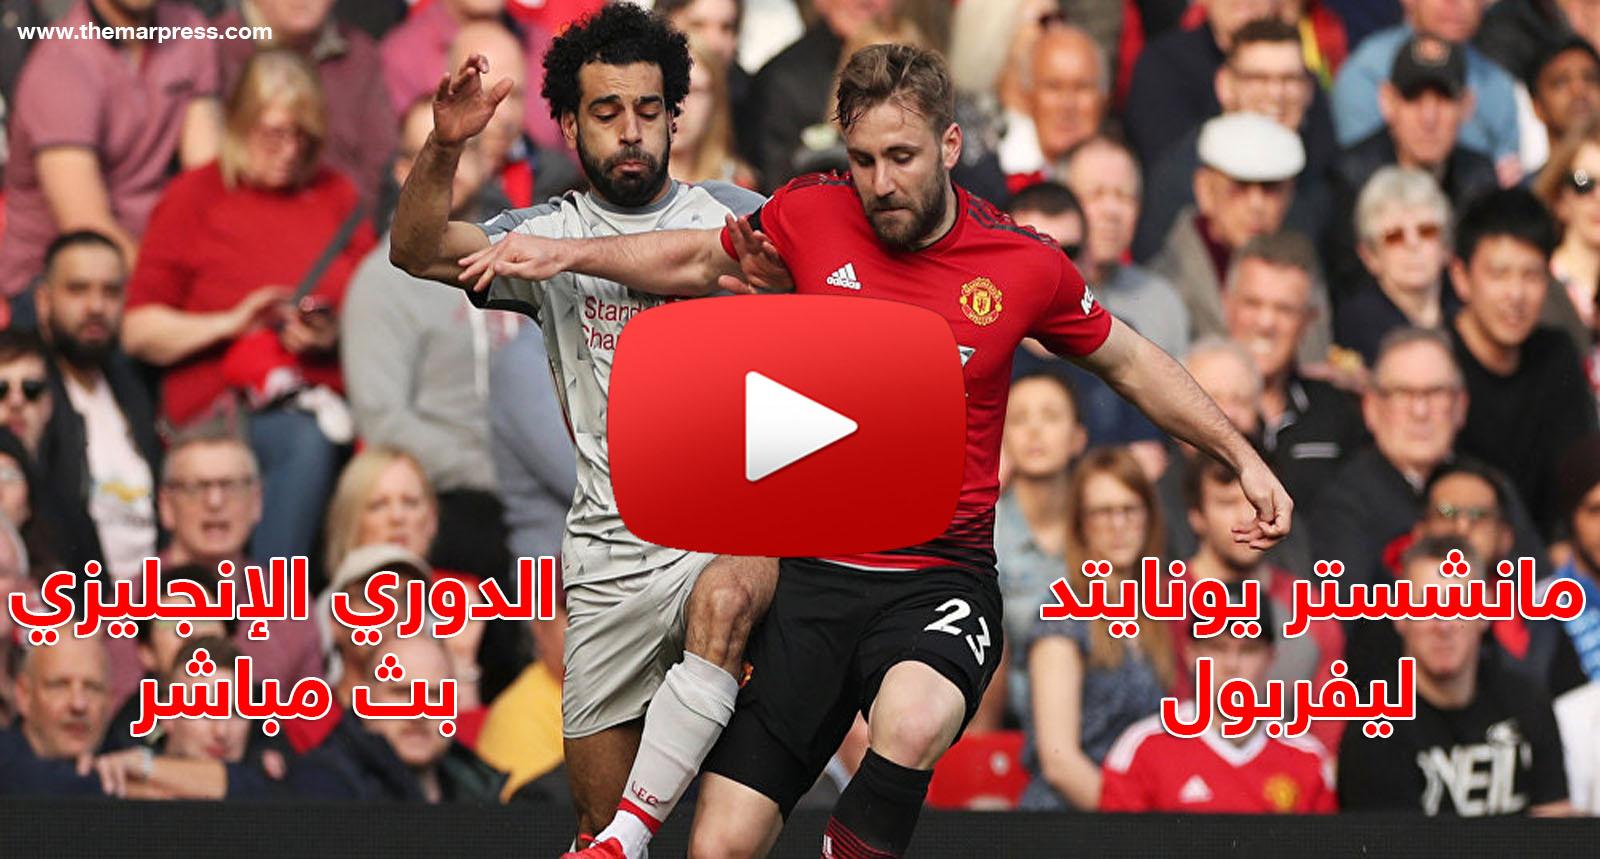 مشاهدة مباراة مانشستر يونايتد وليفربول بث مباشر بتاريخ 20-10-2019 الدوري الانجليزي yalla shoot